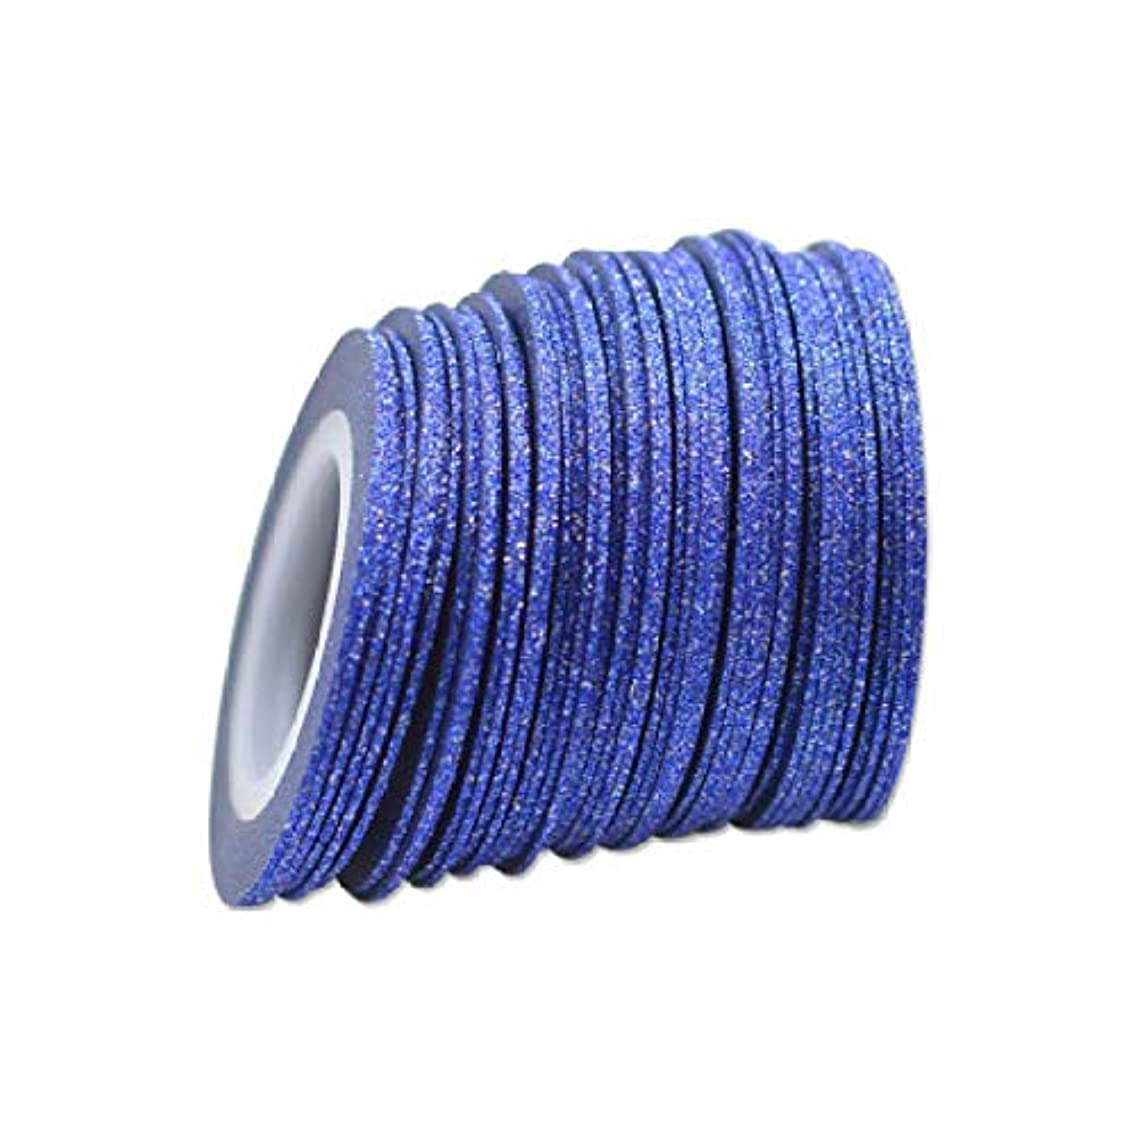 ウィンクサイレントではごきげんようSUKTI&XIAO ネイルステッカー 100ロール/セット1Mmネイルアートデコレーションフォイルストライピングテープラインオプションの色ロールスグリッターステッカーシルバー、ブルー